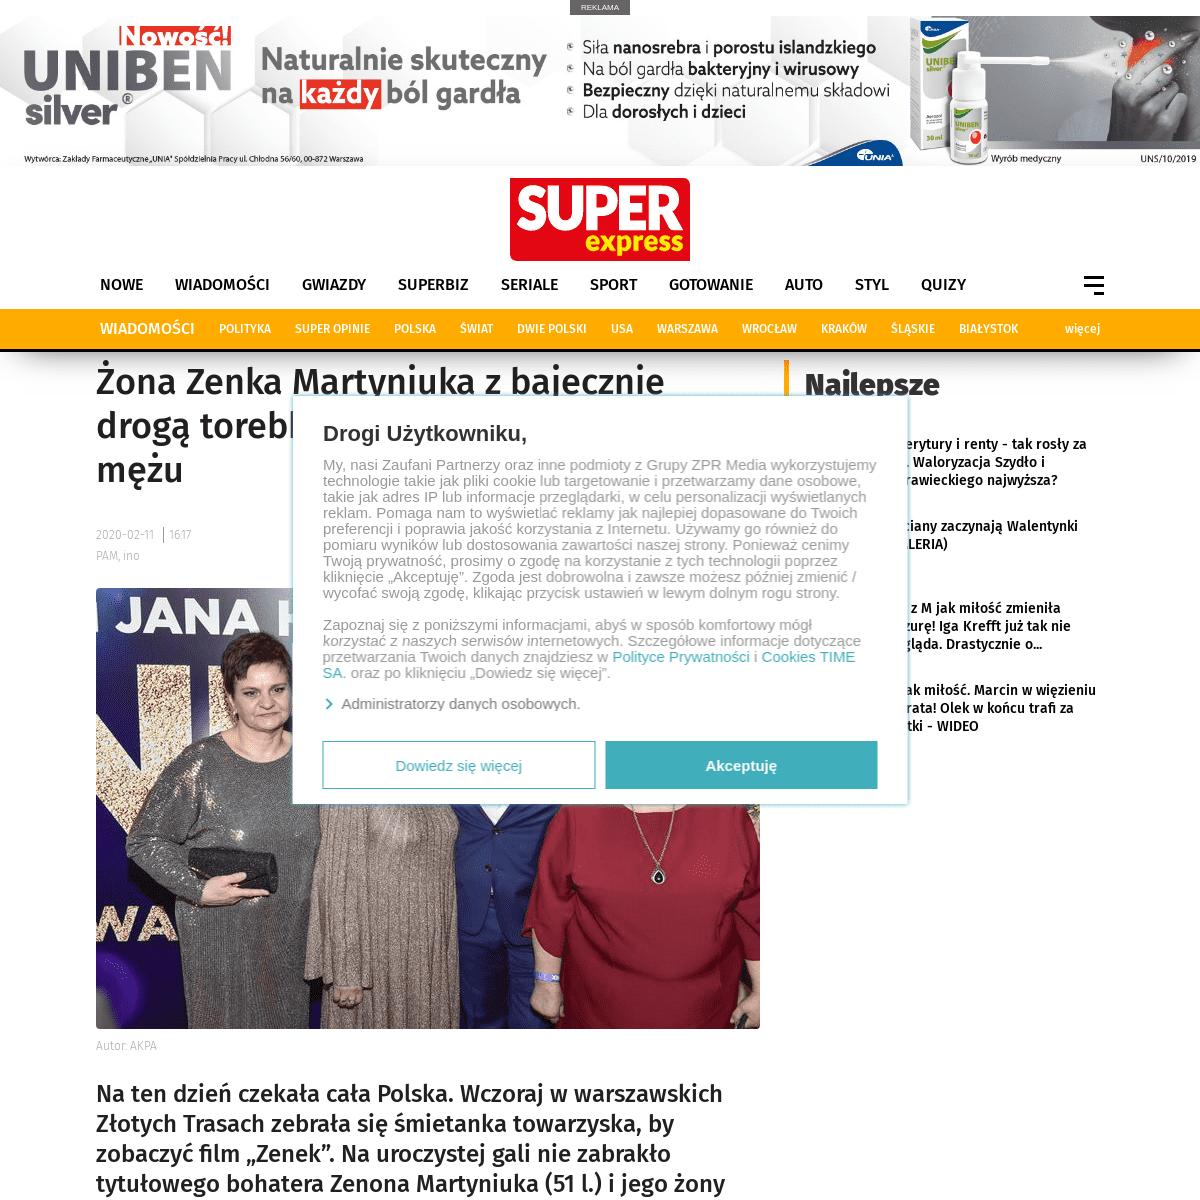 ArchiveBay.com - www.se.pl/wiadomosci/gwiazdy/zona-zenka-zadala-szyku-z-torebka-za-11-tys-zl-aa-Fvrm-ifSP-Z3GH.html - Żona Zenka Martyniuka z bajecznie drogą torebką na premierze hitu o jej mężu - Super Express